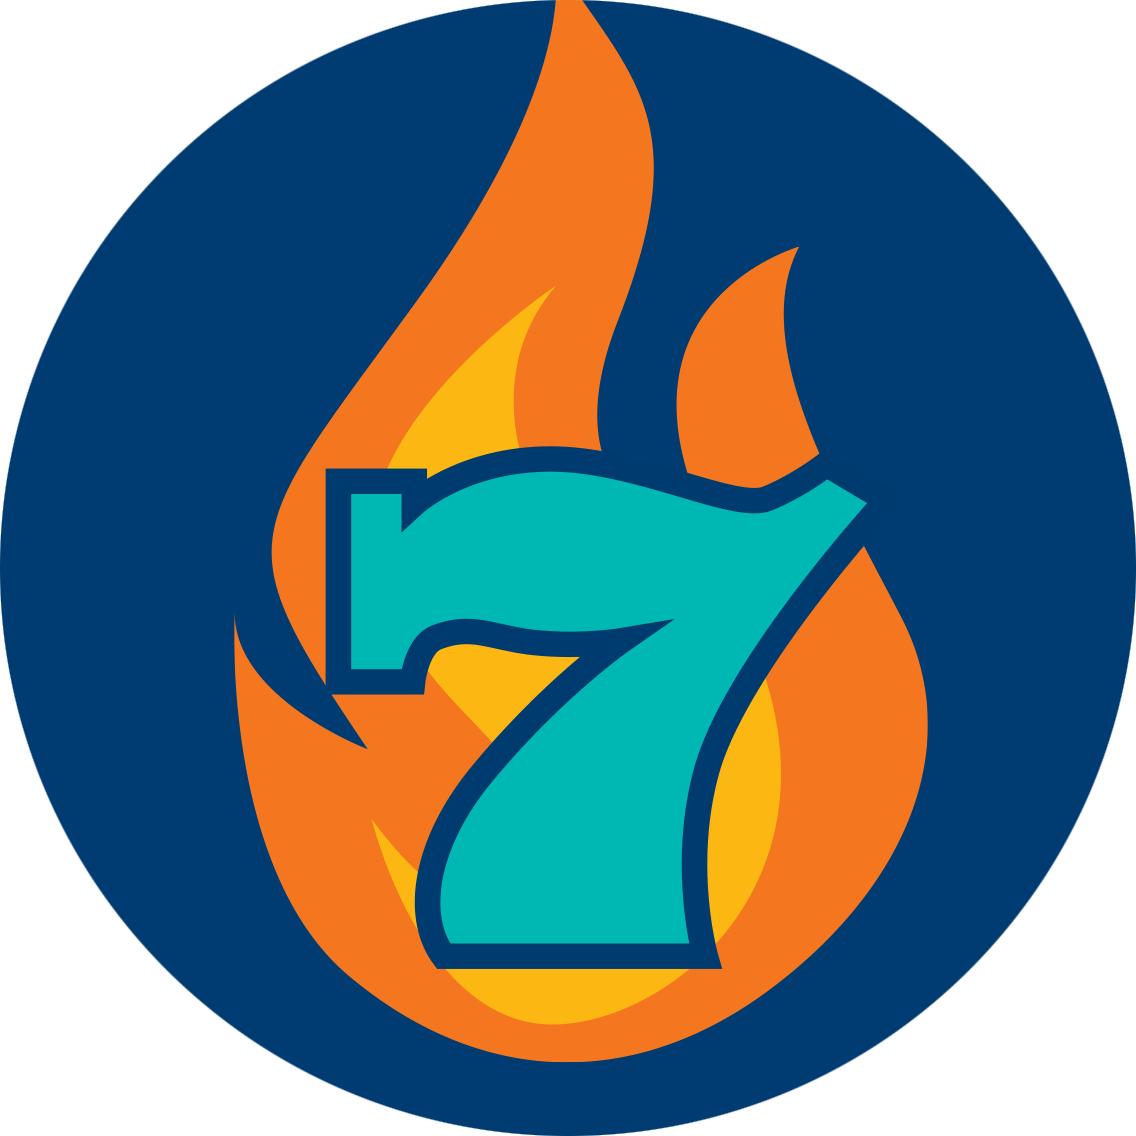 一個數字7在一團火前方。